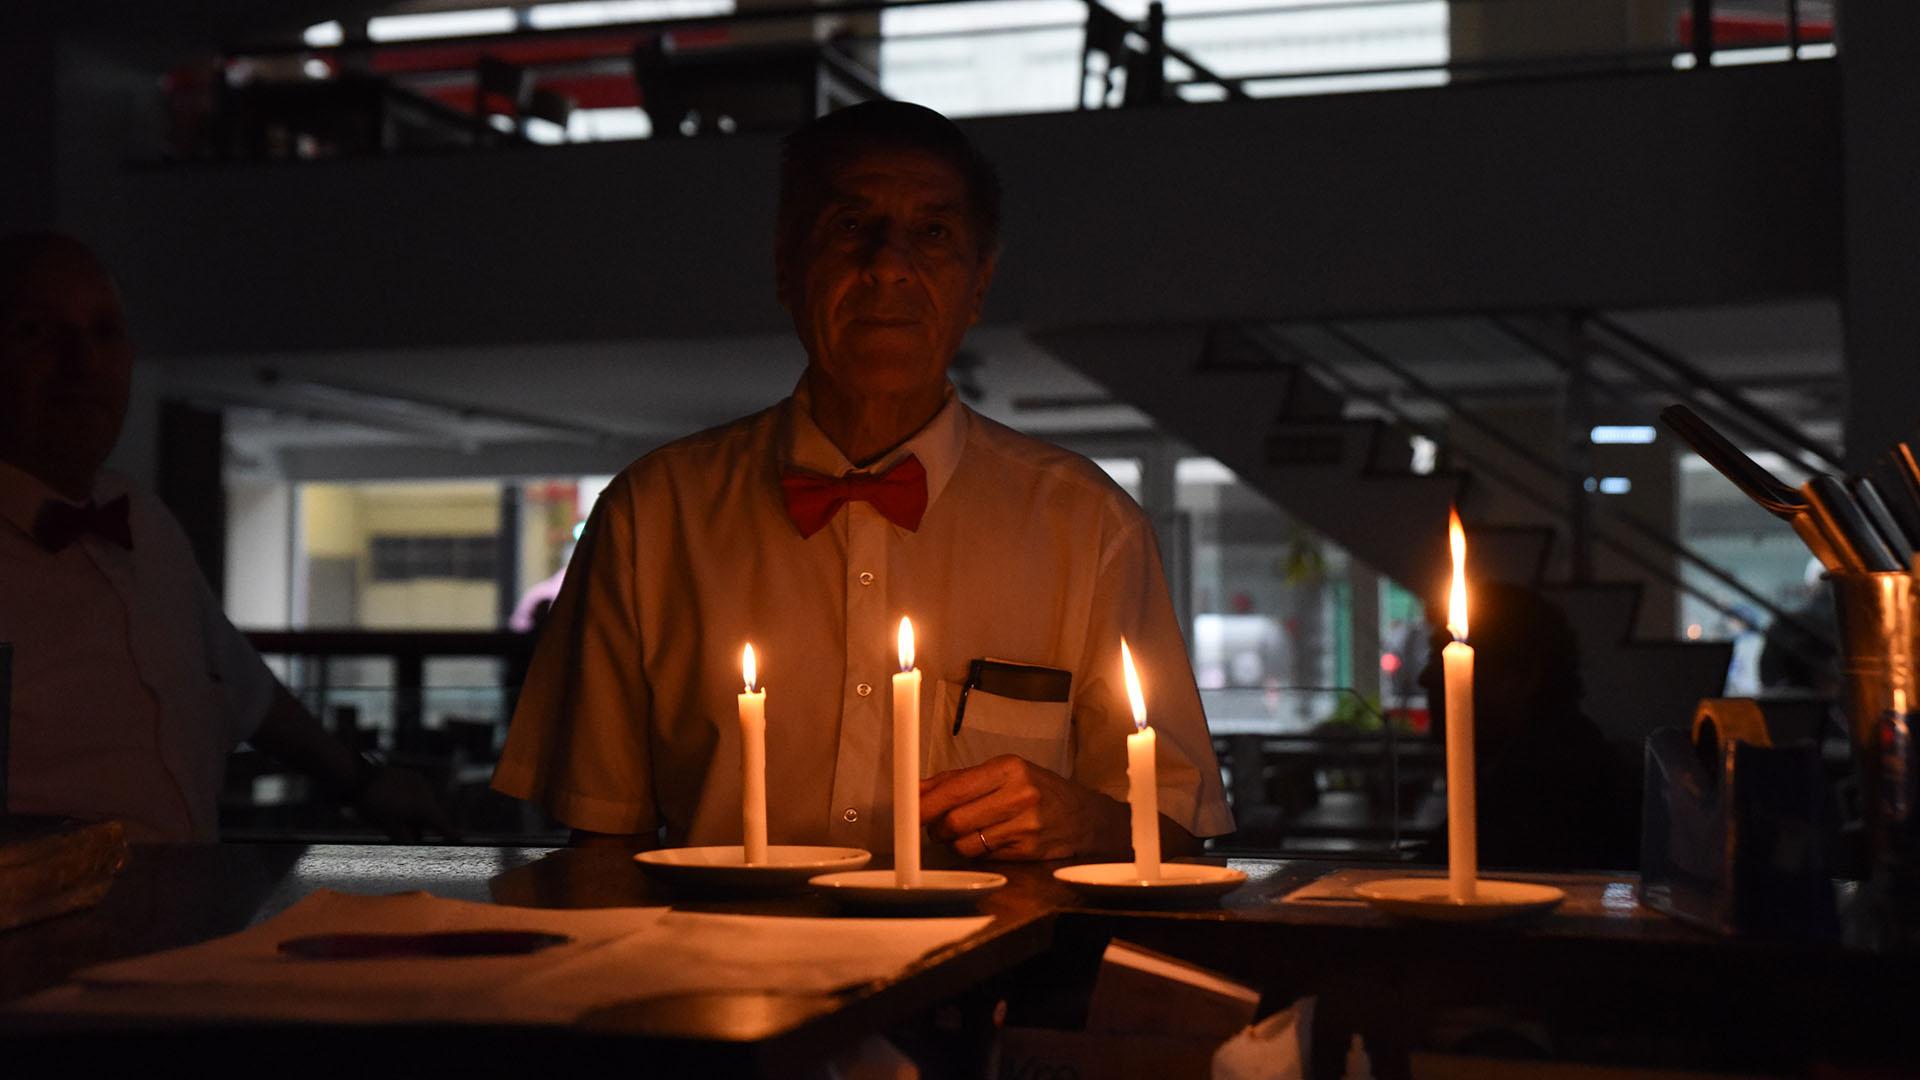 Muchos bares y restaurantes, con las reservas a tope por los festejos del Día del Padre, continuaron abiertos a la luz de las velas